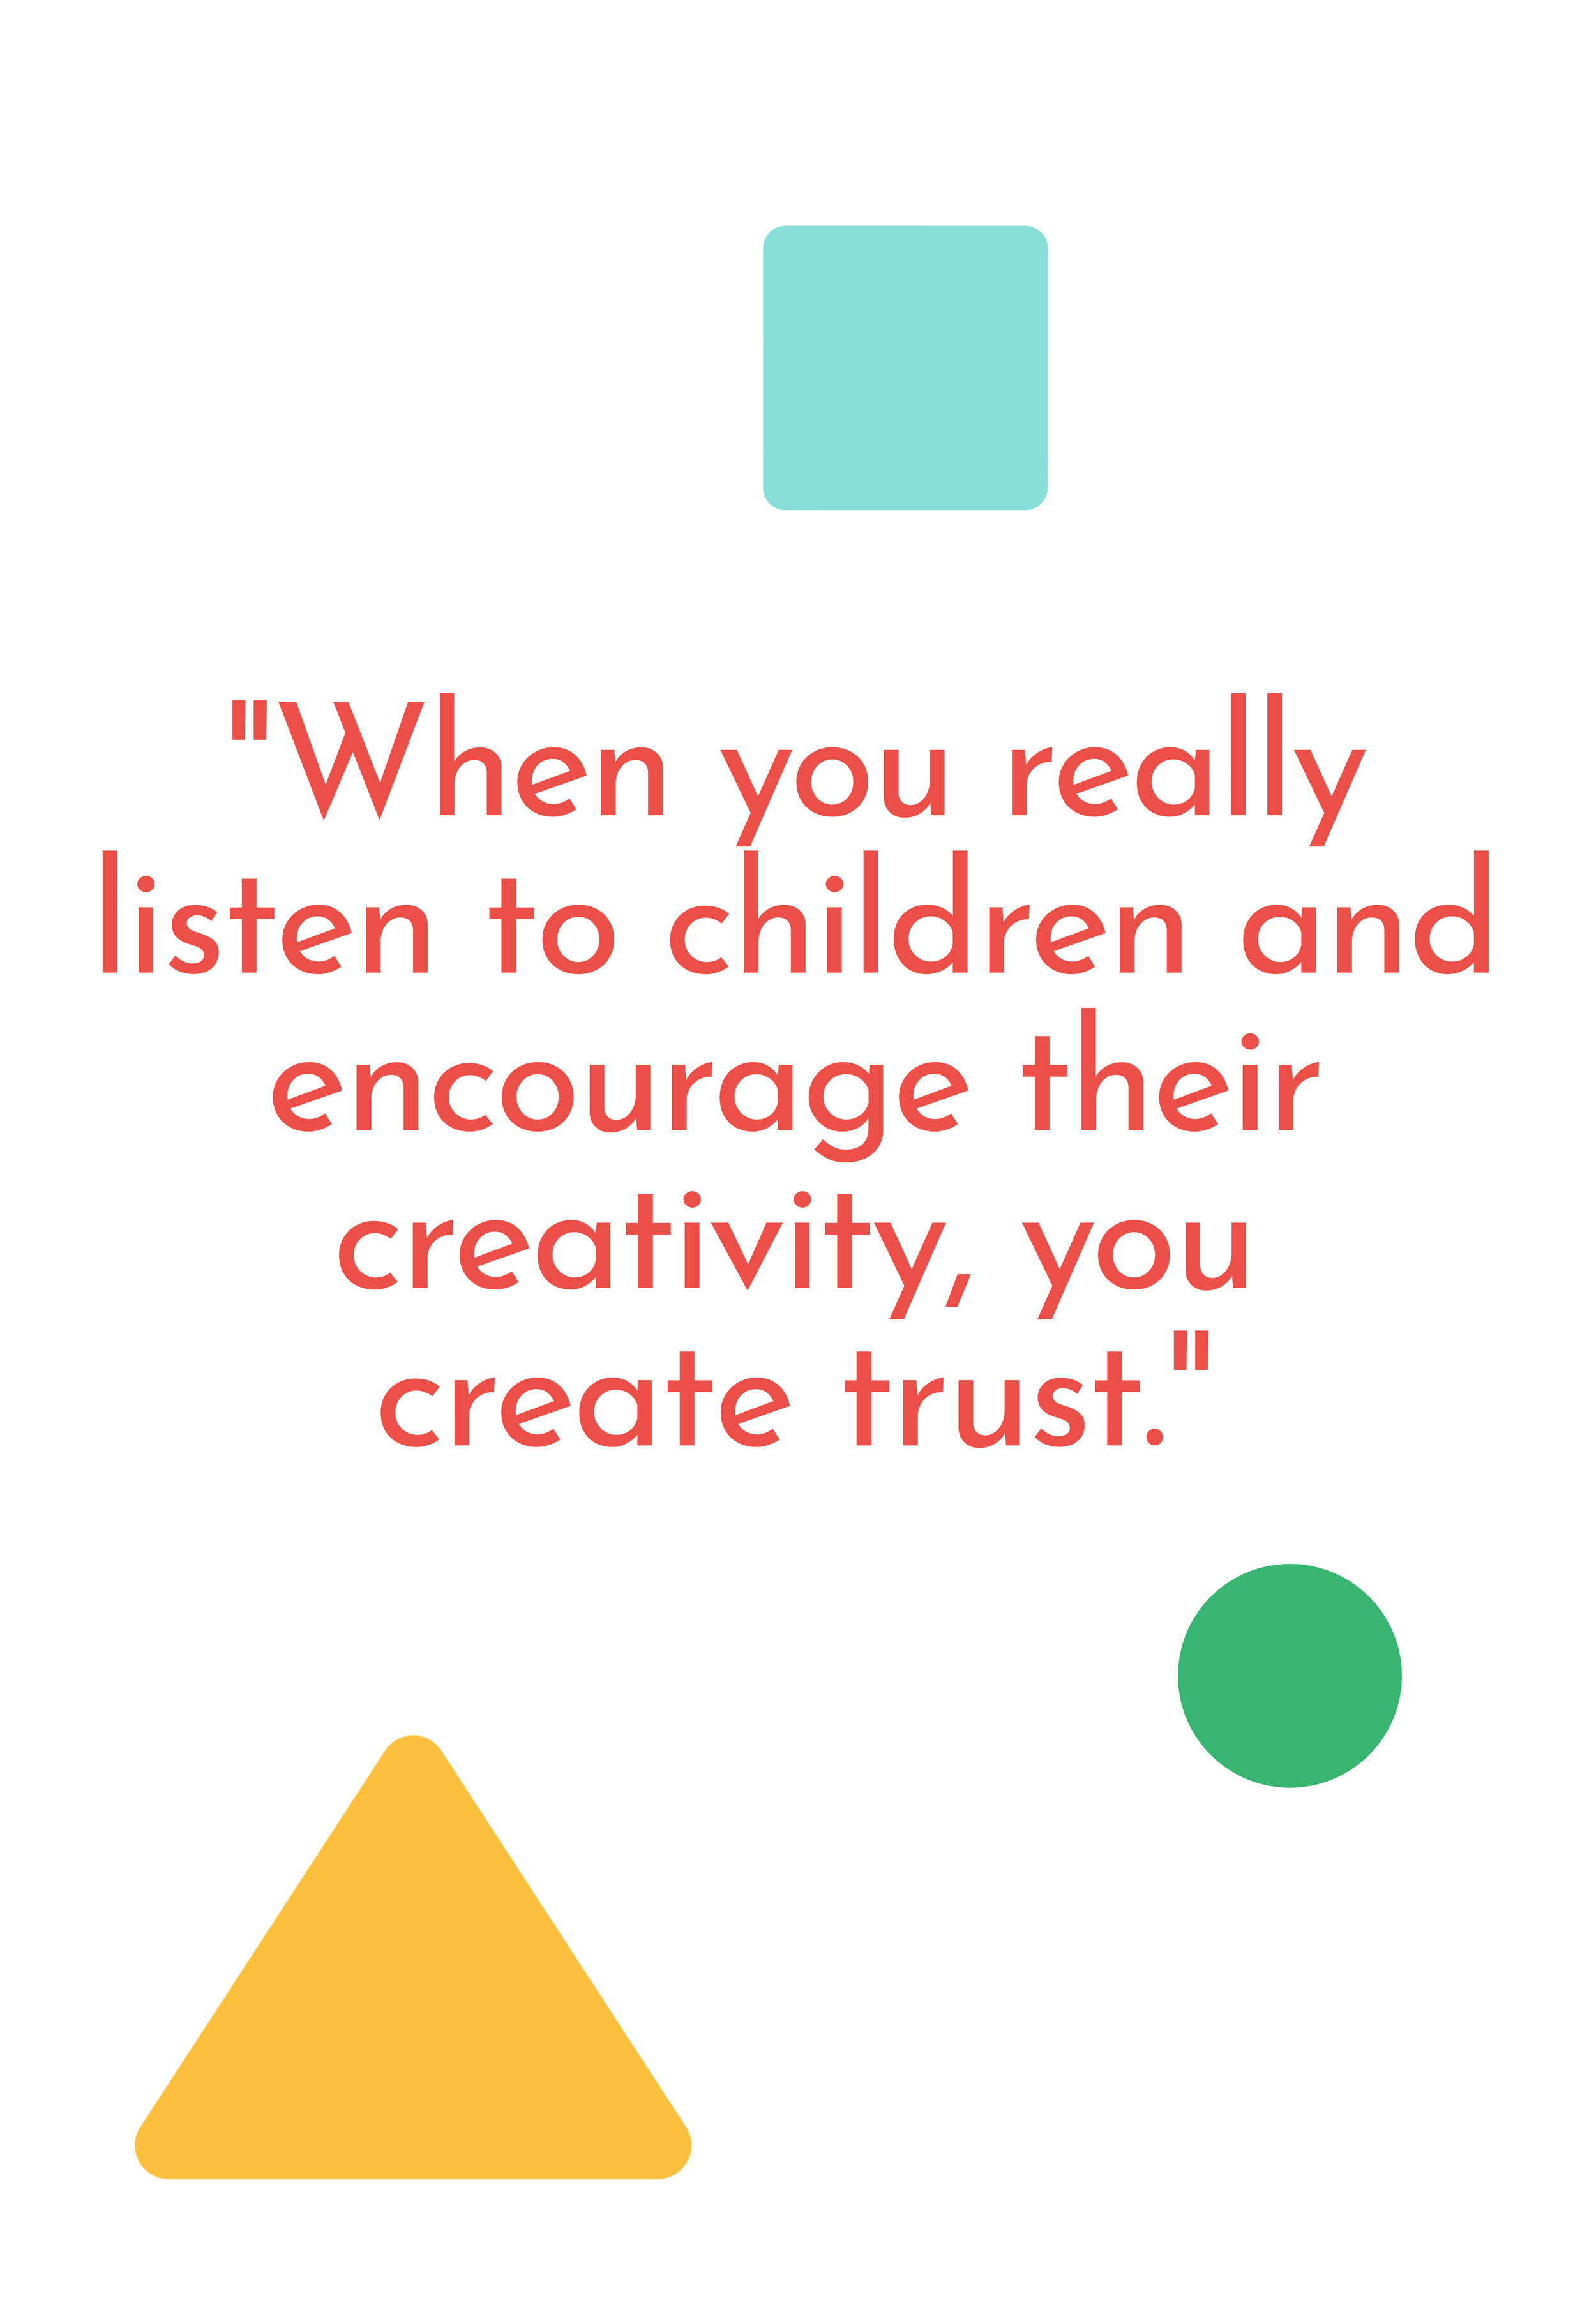 Create Trust Quote.jpg